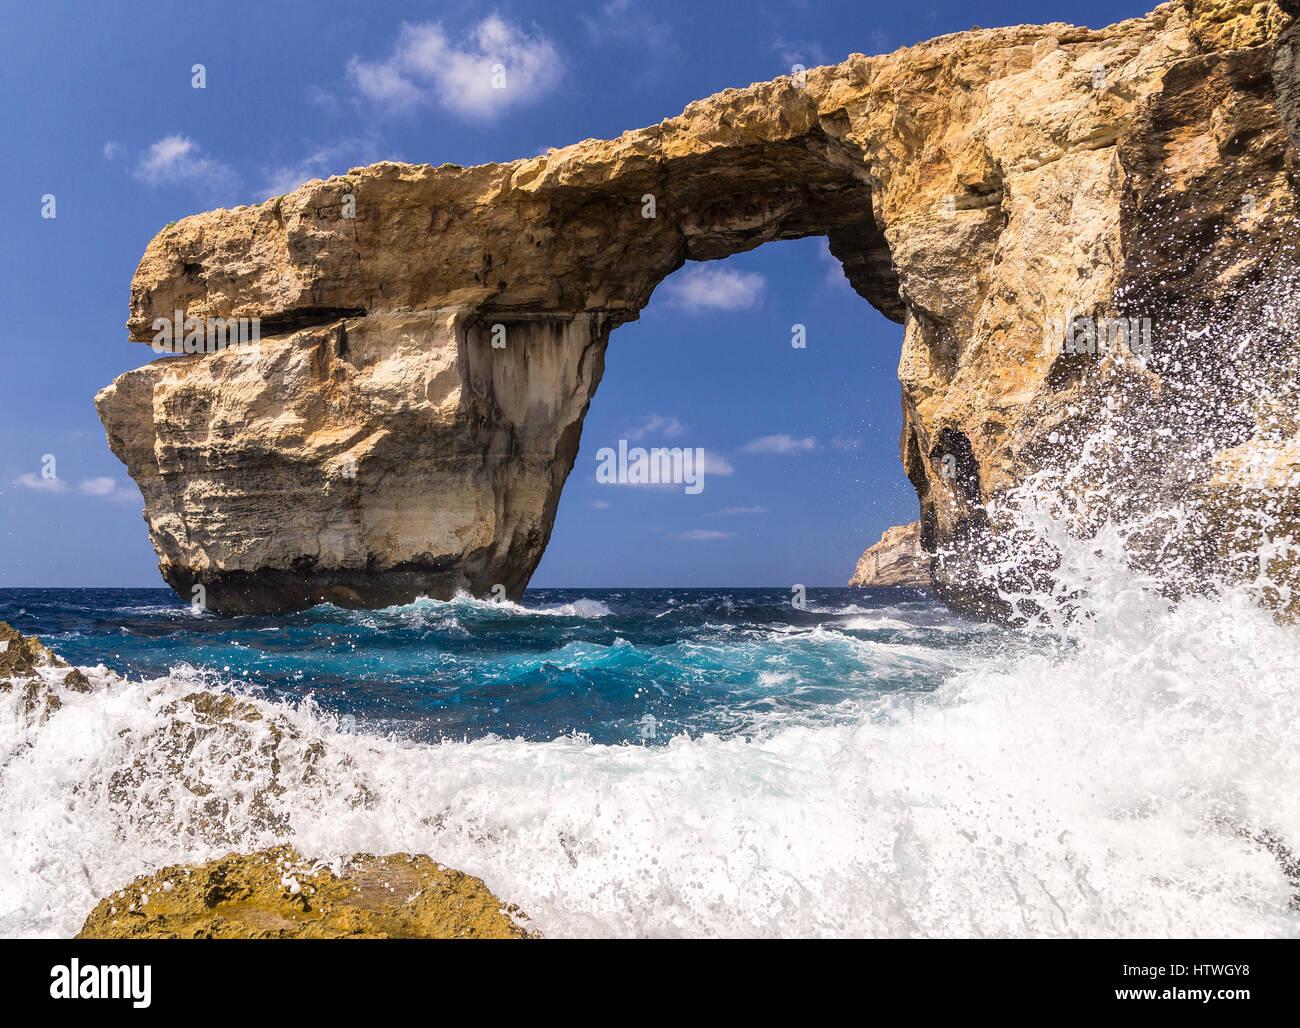 Azure Window - genial Gozo, Malta felsigen Bildung, brach durch Erosion im März 2017. Felsigen Bildung für Stockbild